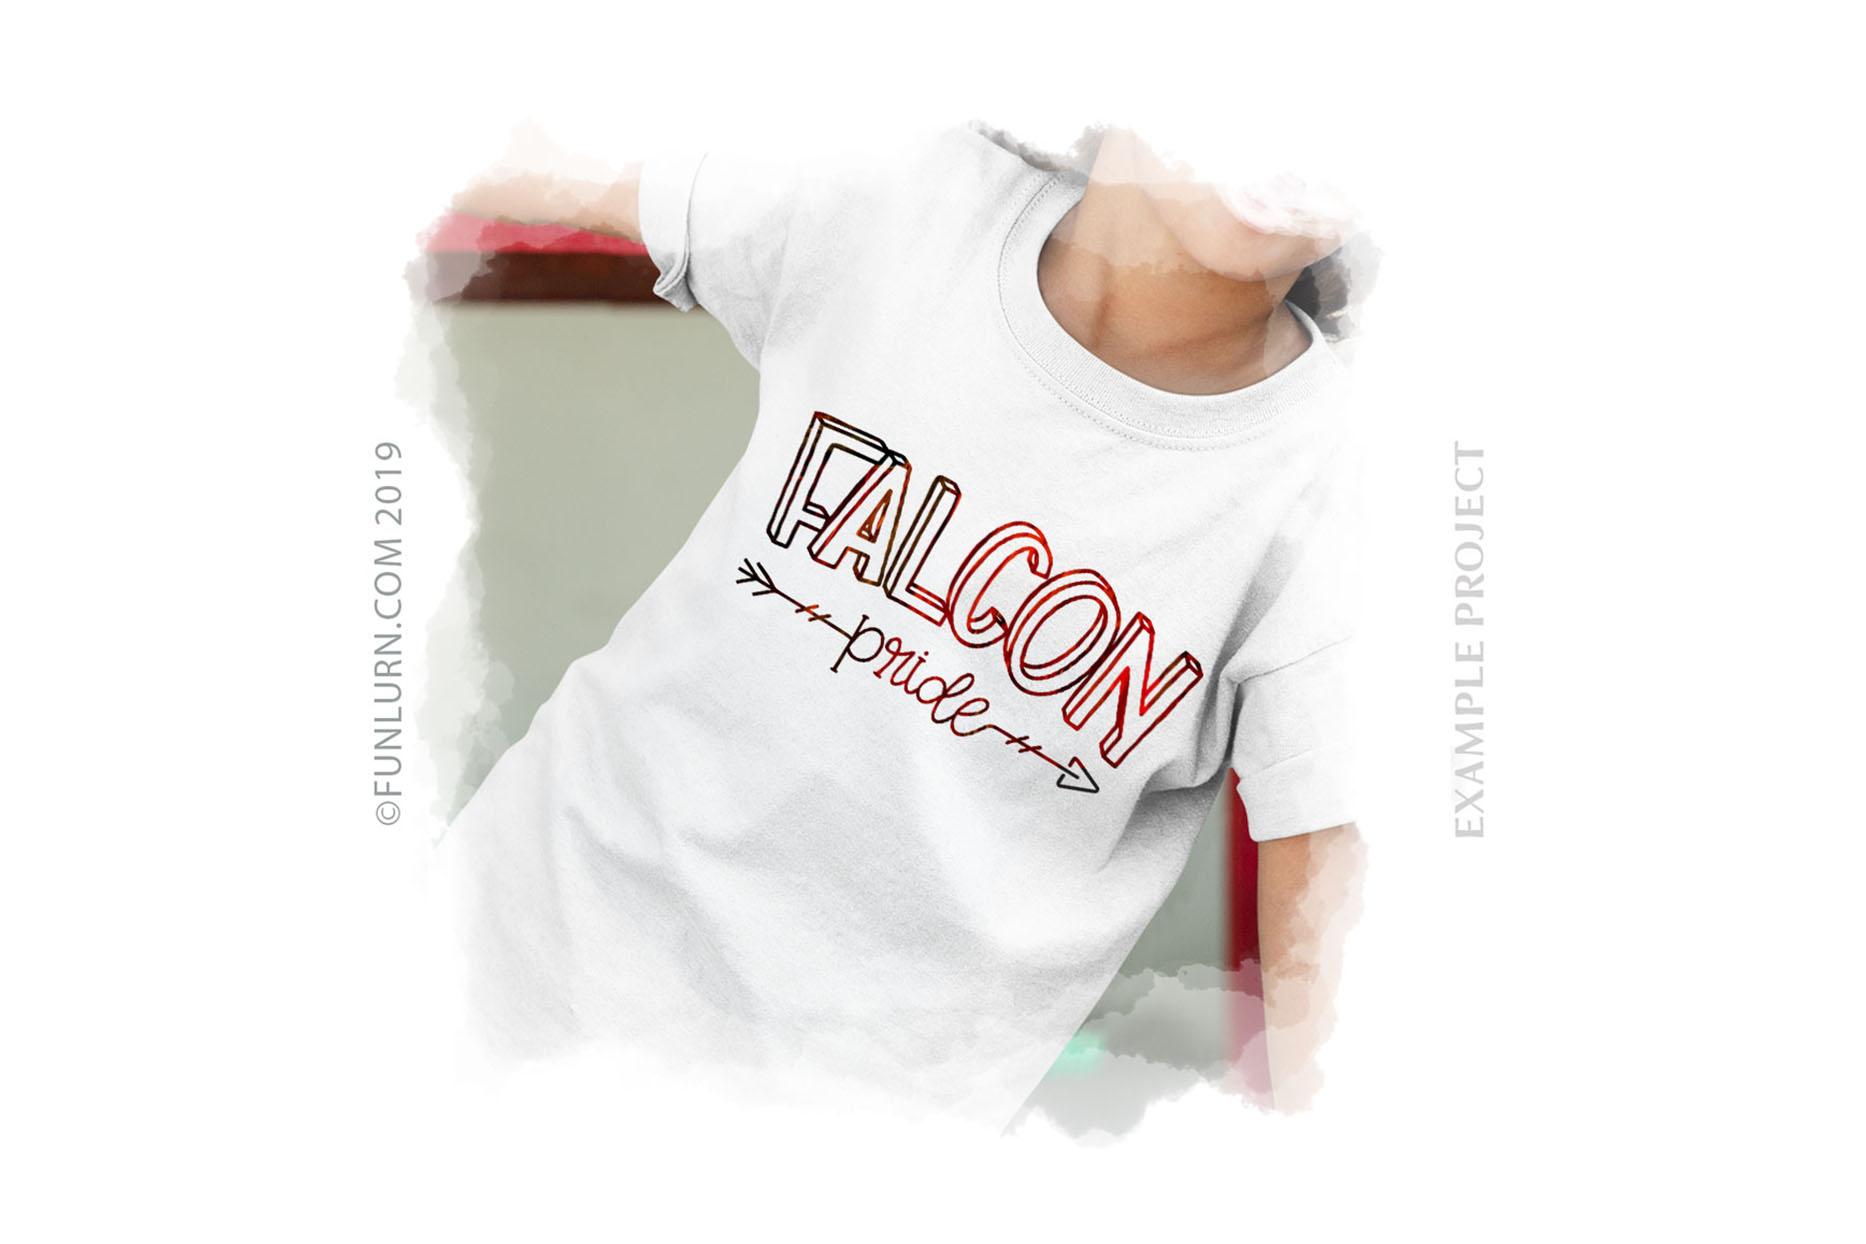 Falcon Pride Team SVG Cut File example image 3